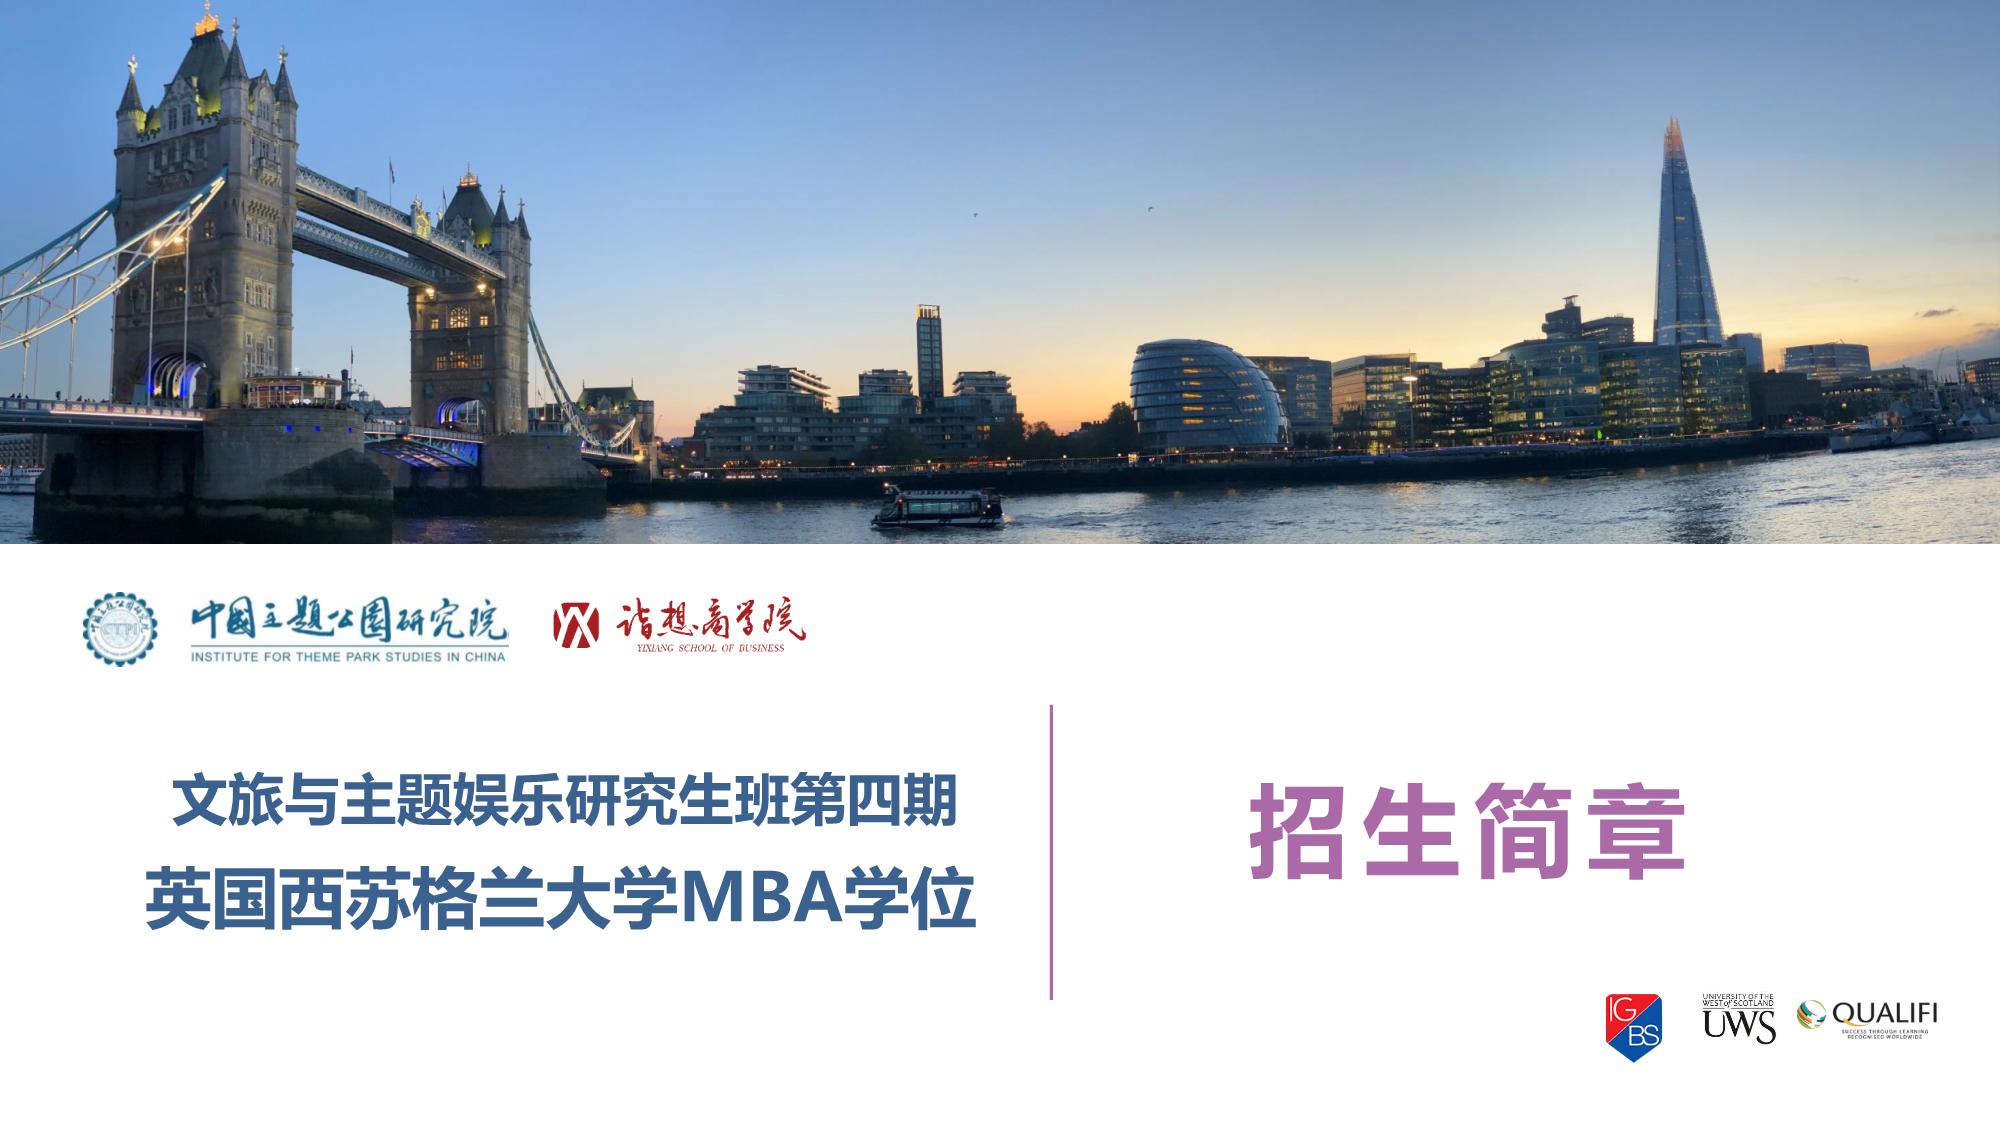 文旅与主题娱乐研究生四期班UWS学位(2020.6.17)(3)-1.png